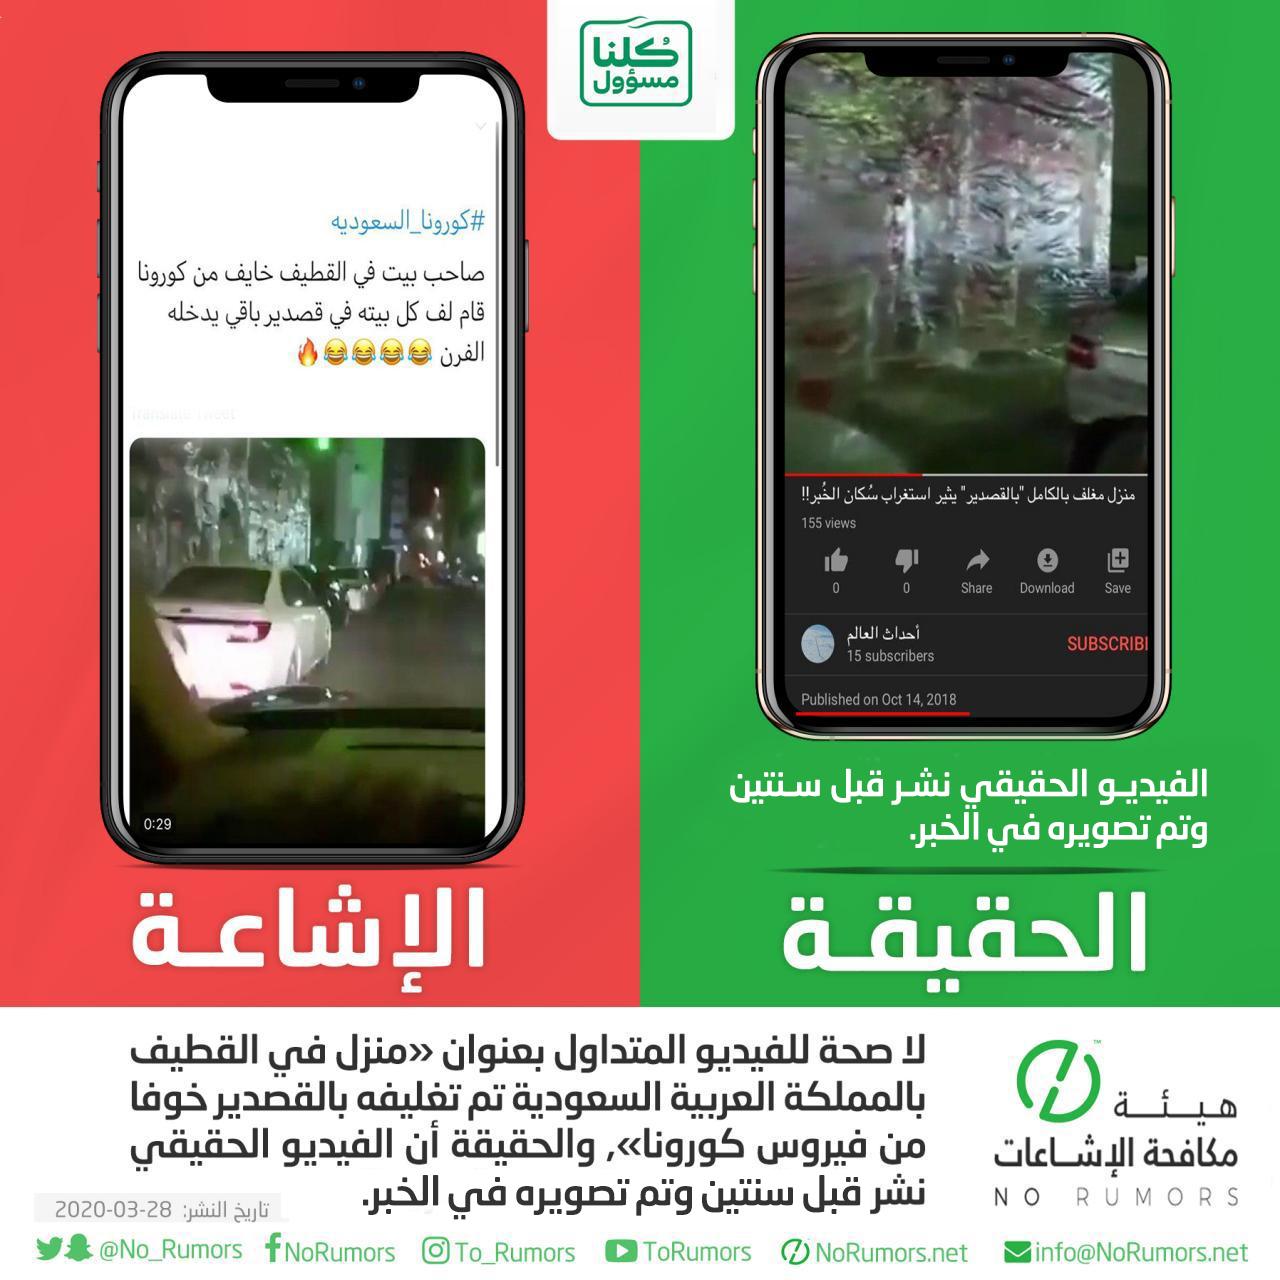 حقيقة الفيديو المتداول بعنوان «منزل في القطيف بالمملكة العربية السعودية تم تغليفه بالقصدير خوفا من فيروس كورونا»